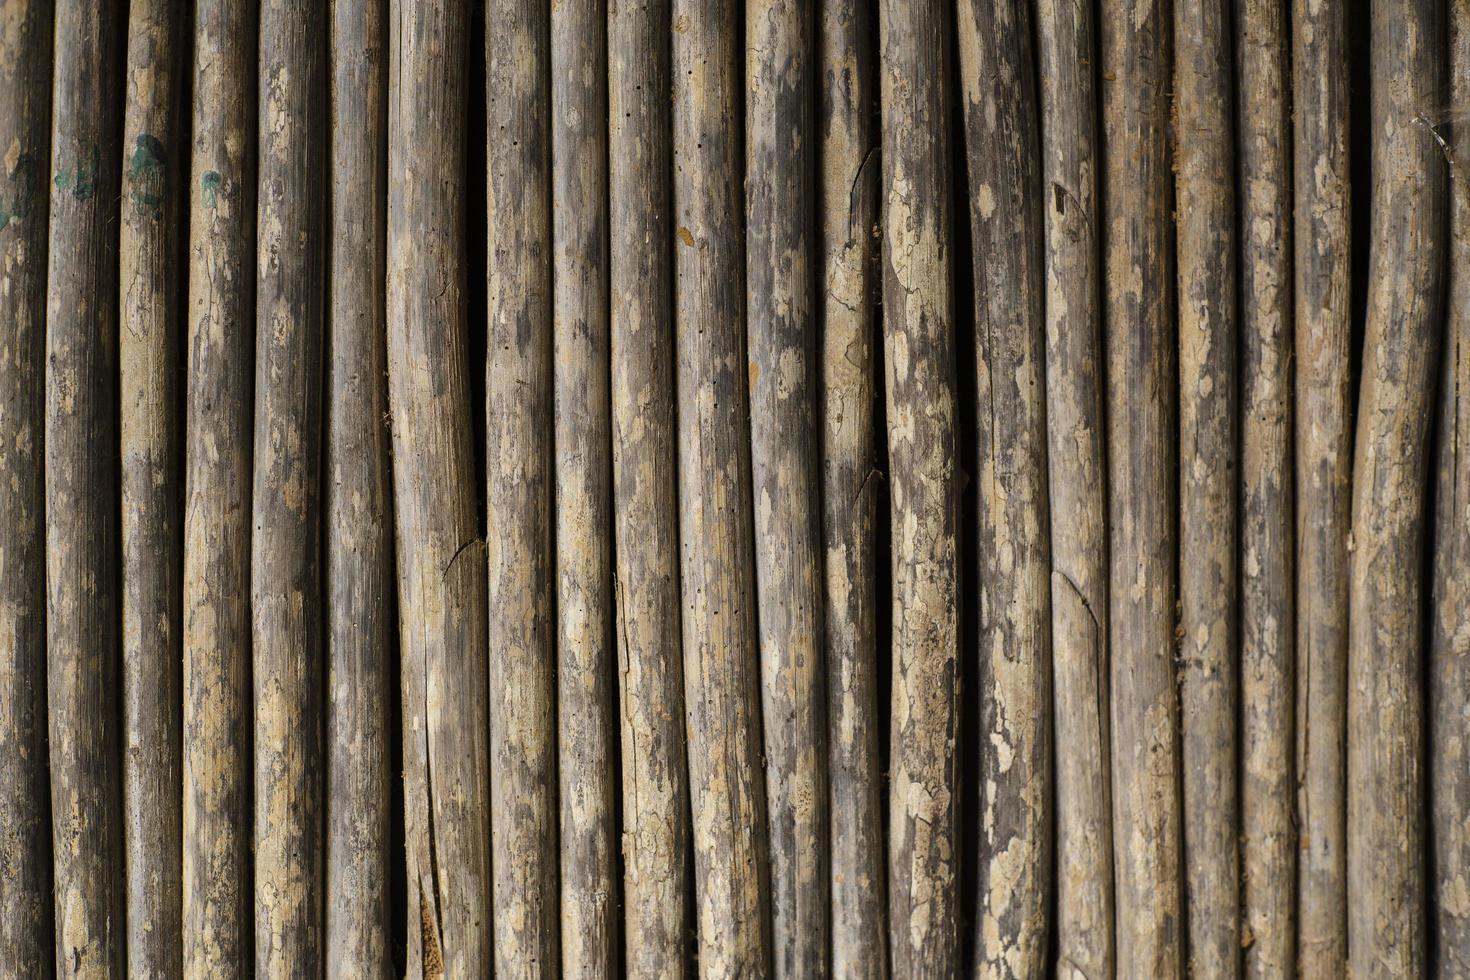 detalj av vilda rottingaxlar foto